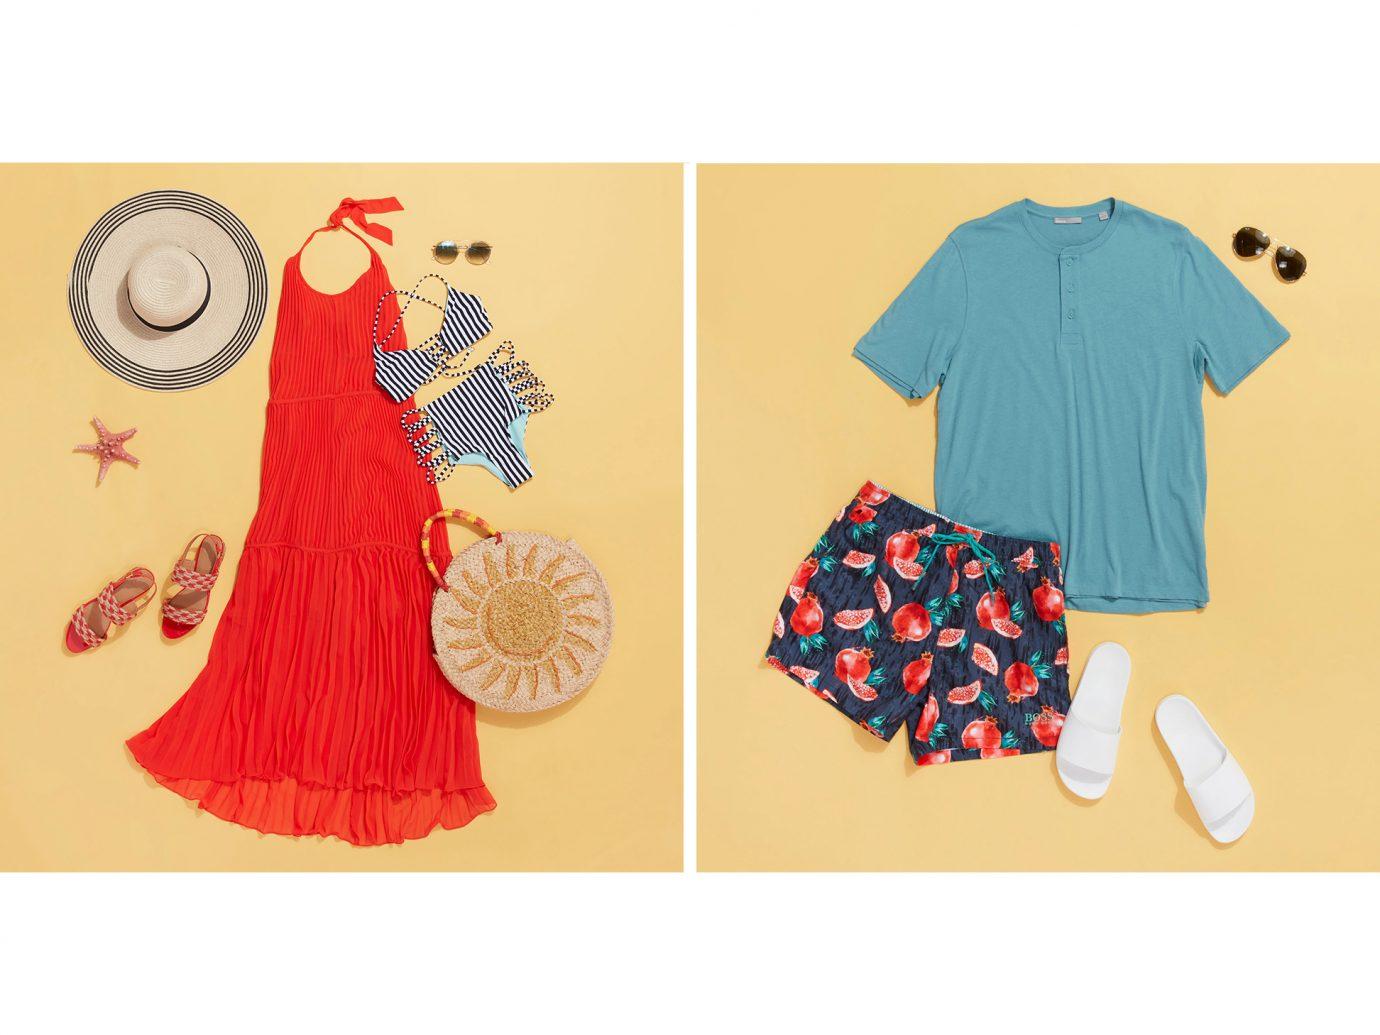 portofino outfit collage